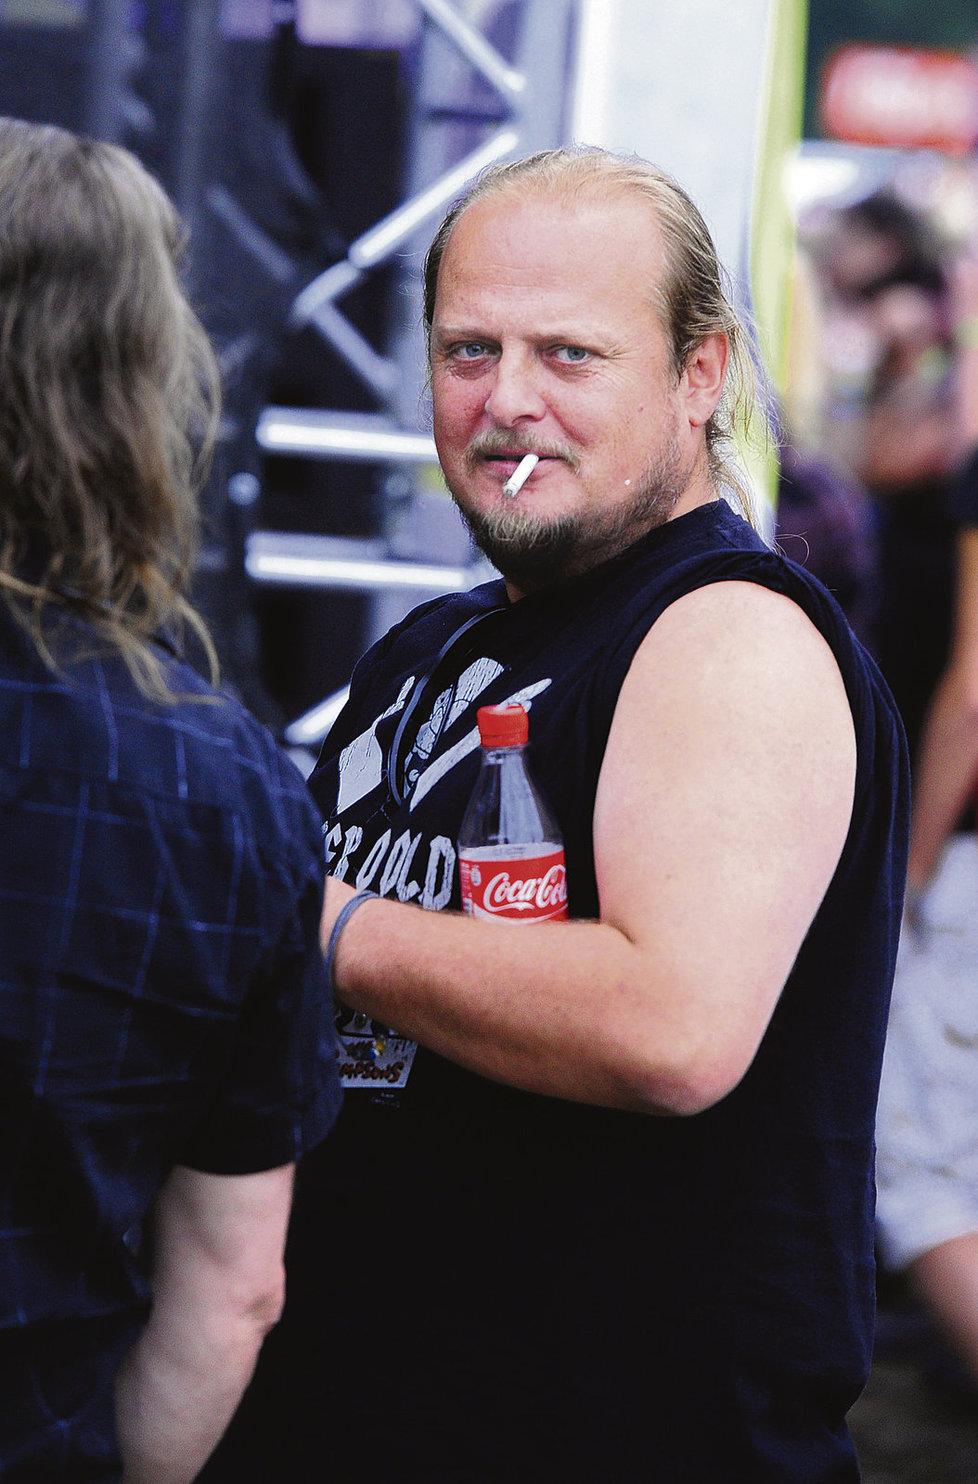 2010 Vrchol Křížkovy obezity, kdy vážil 115 kilo.